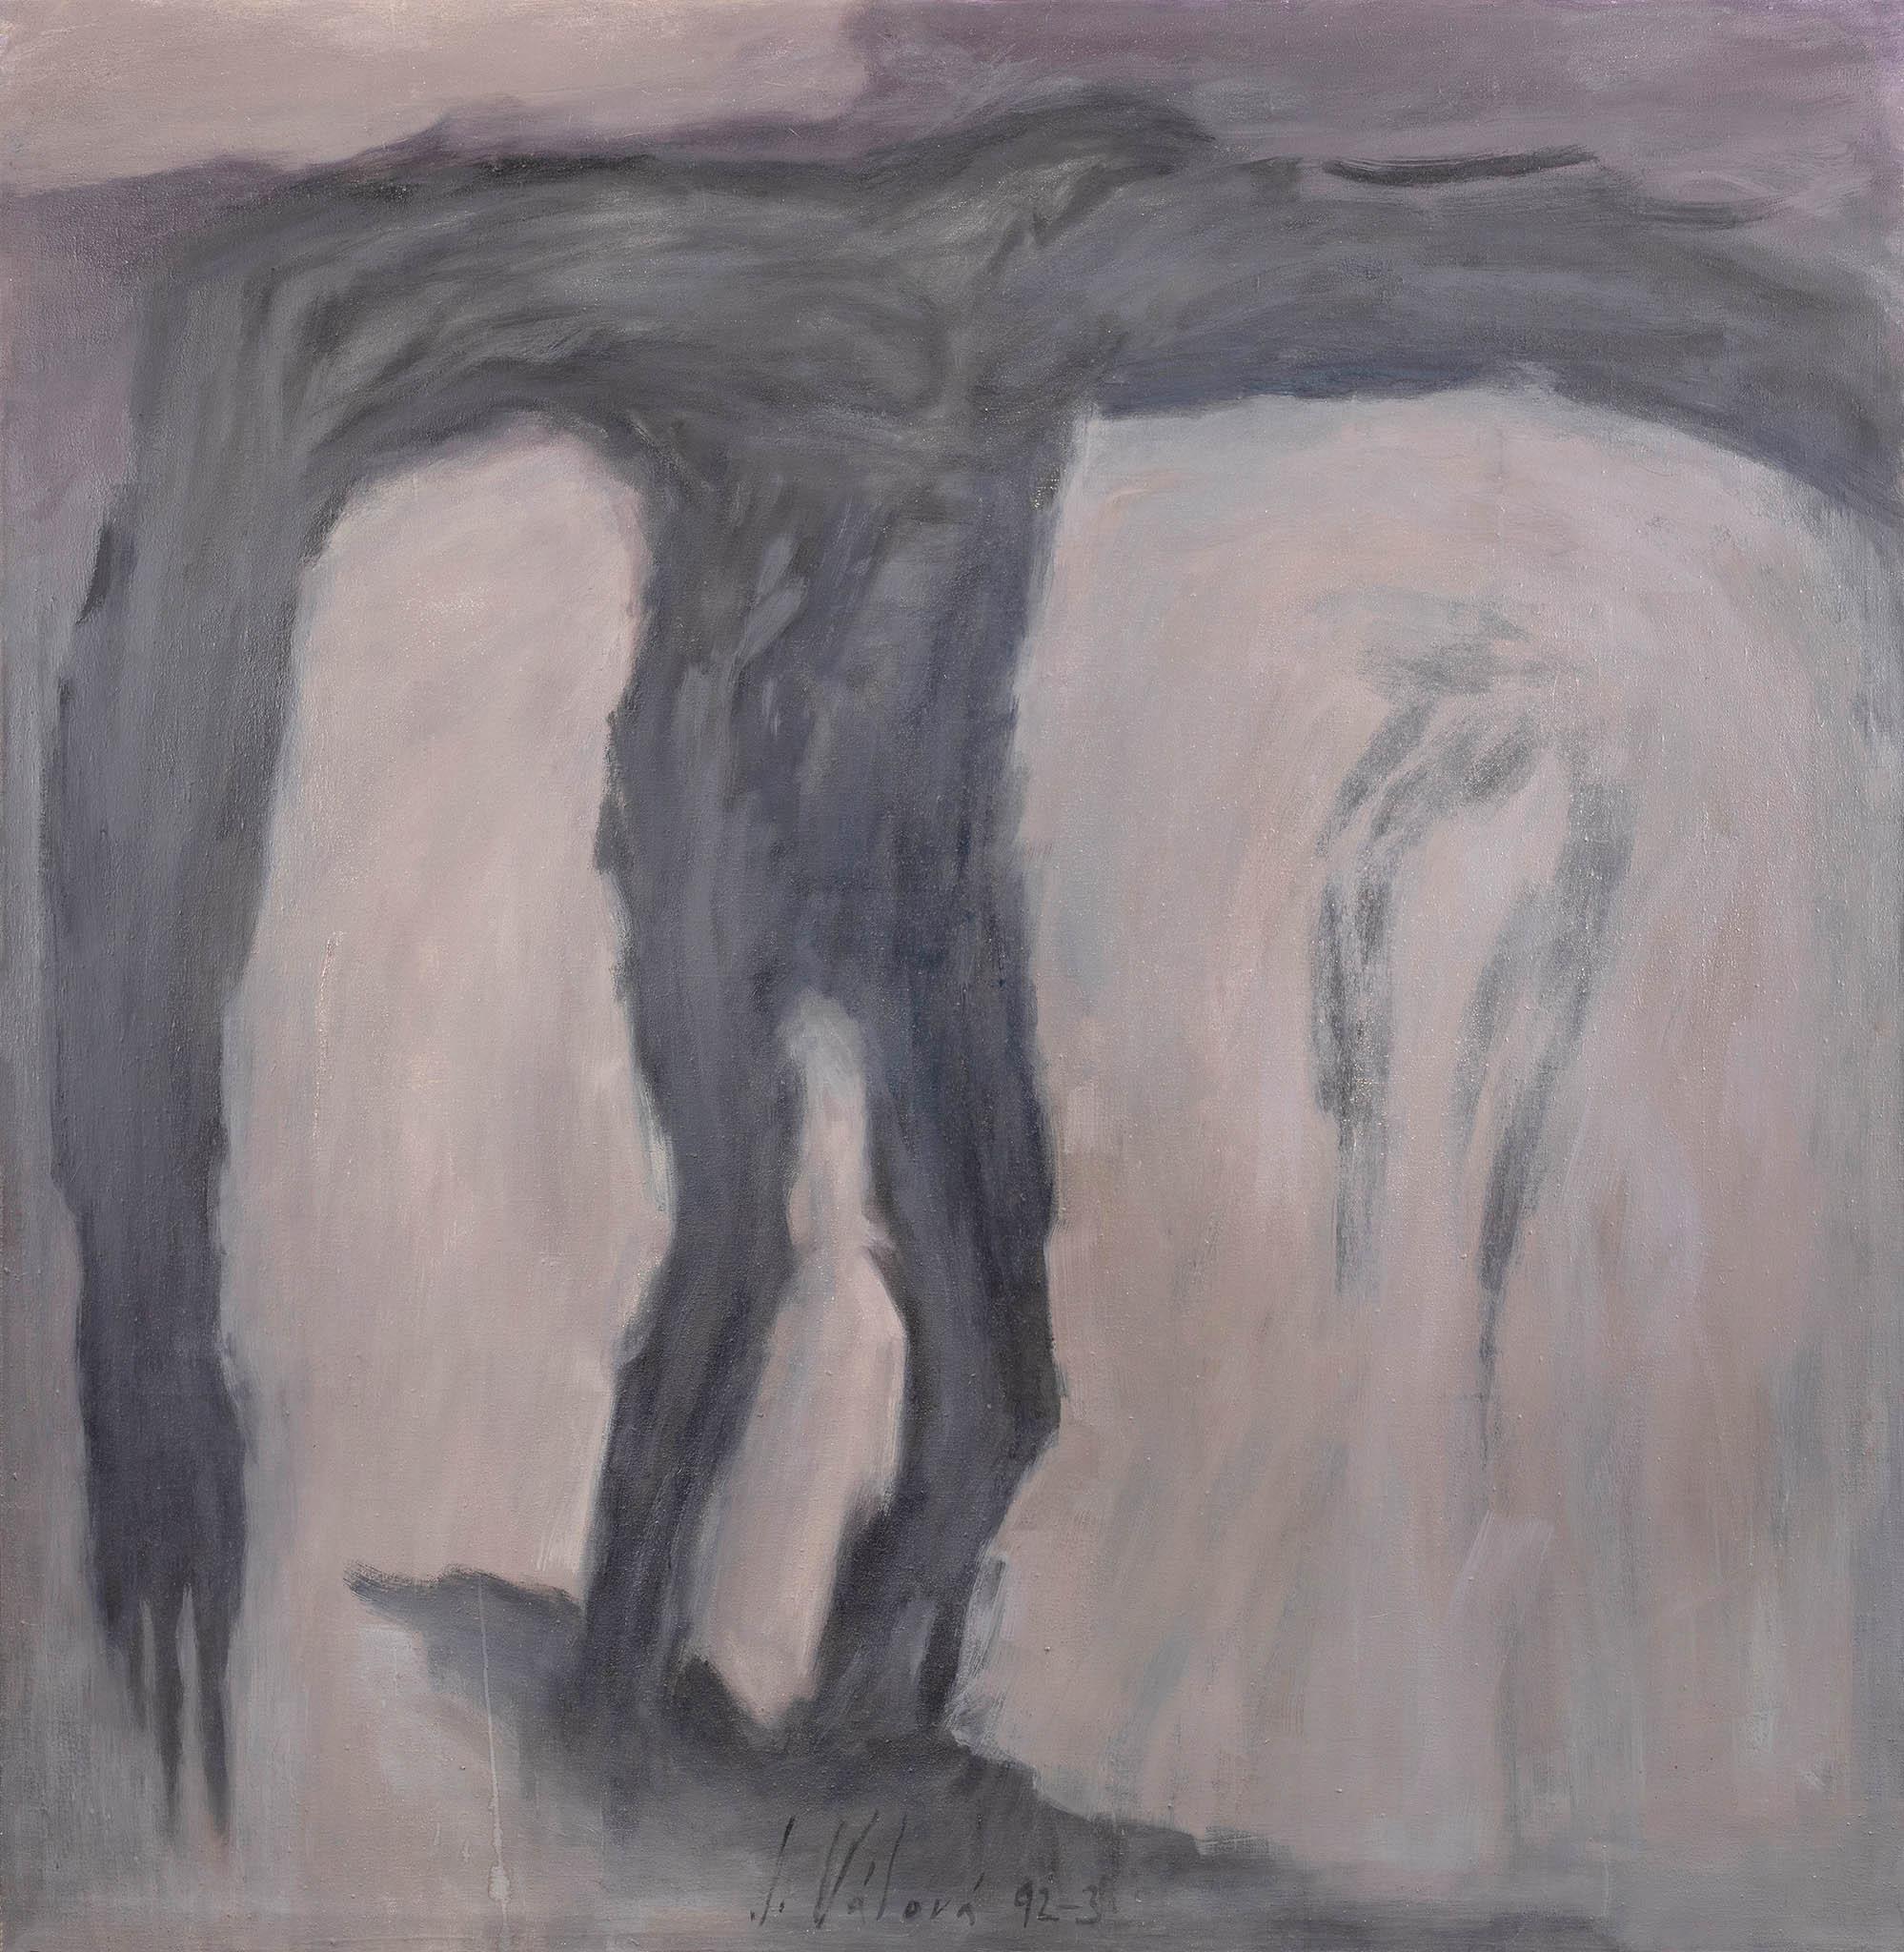 Jitka Válová: Kalvárie, olej, plátno, 210 x 200 centimetrů, 1992/1993